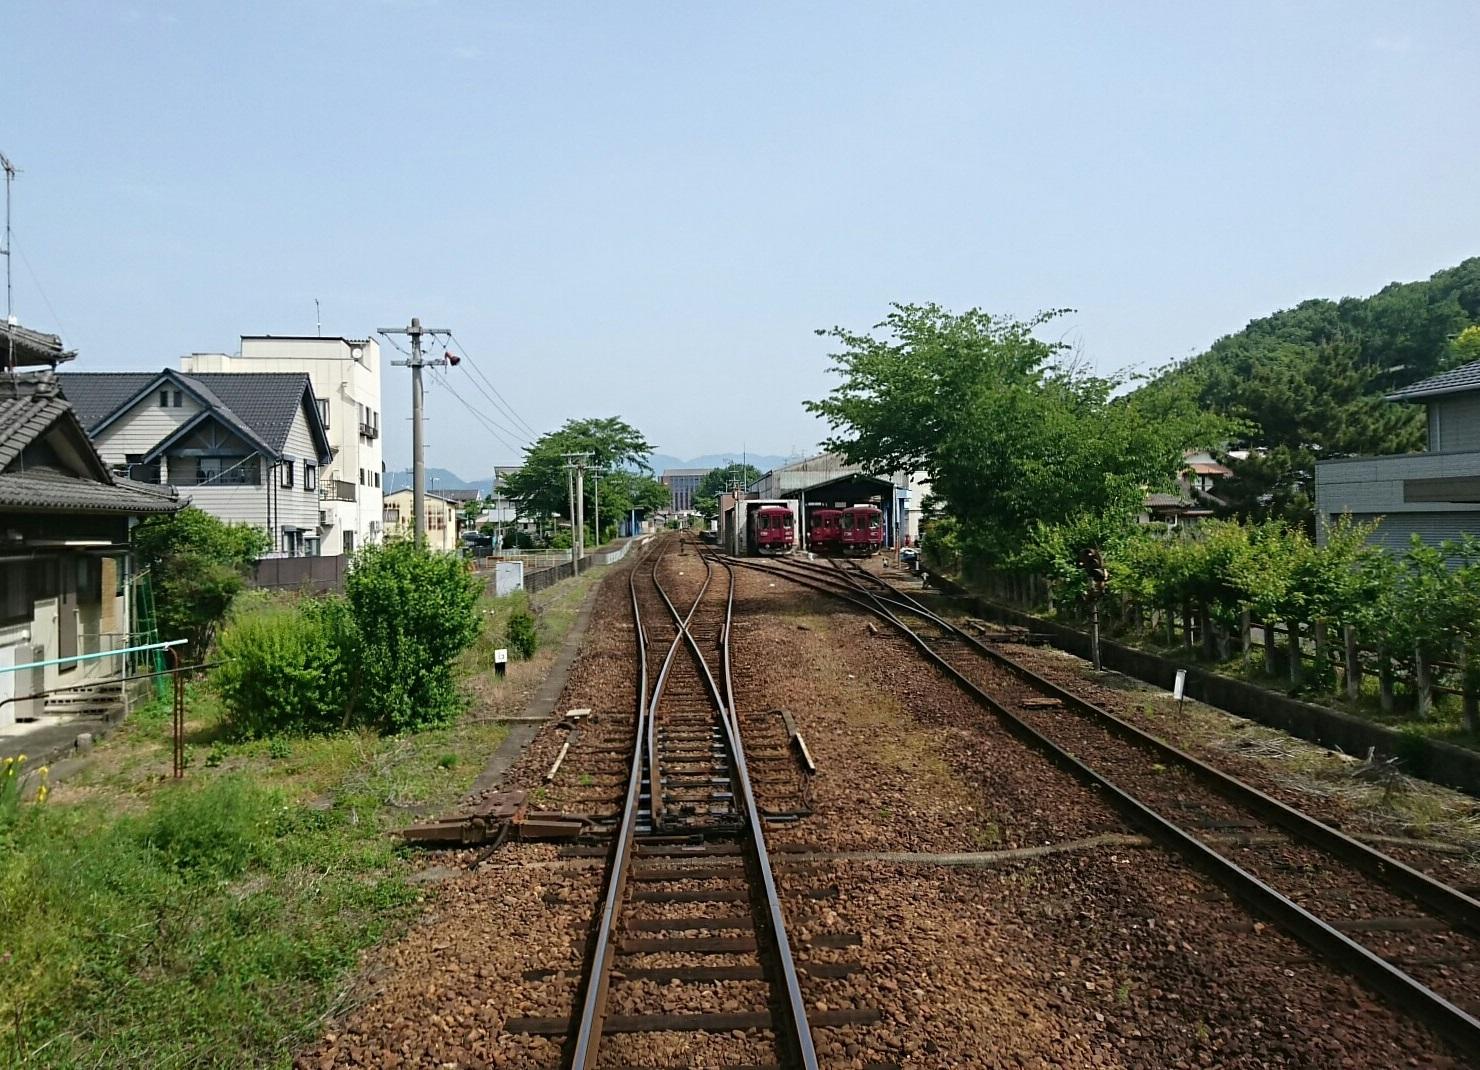 2018.5.16 美濃市 (41) 美濃市いきふつう - 関 1480-1070